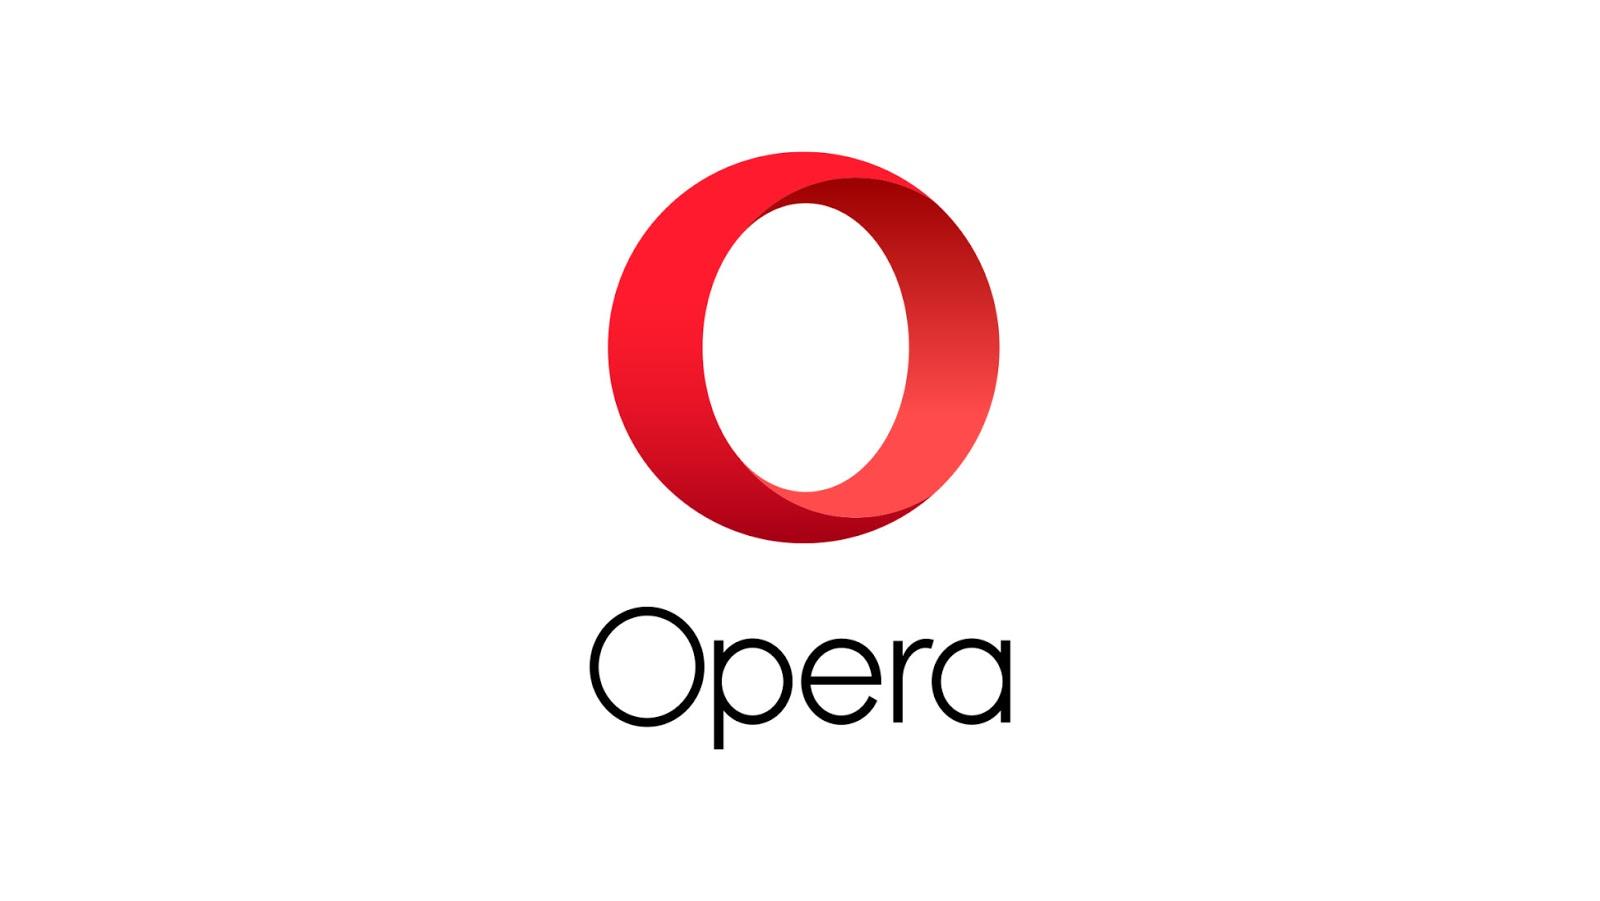 6 مميزات في متصفح أوبرا لن تجدها في أي متصفح أخر